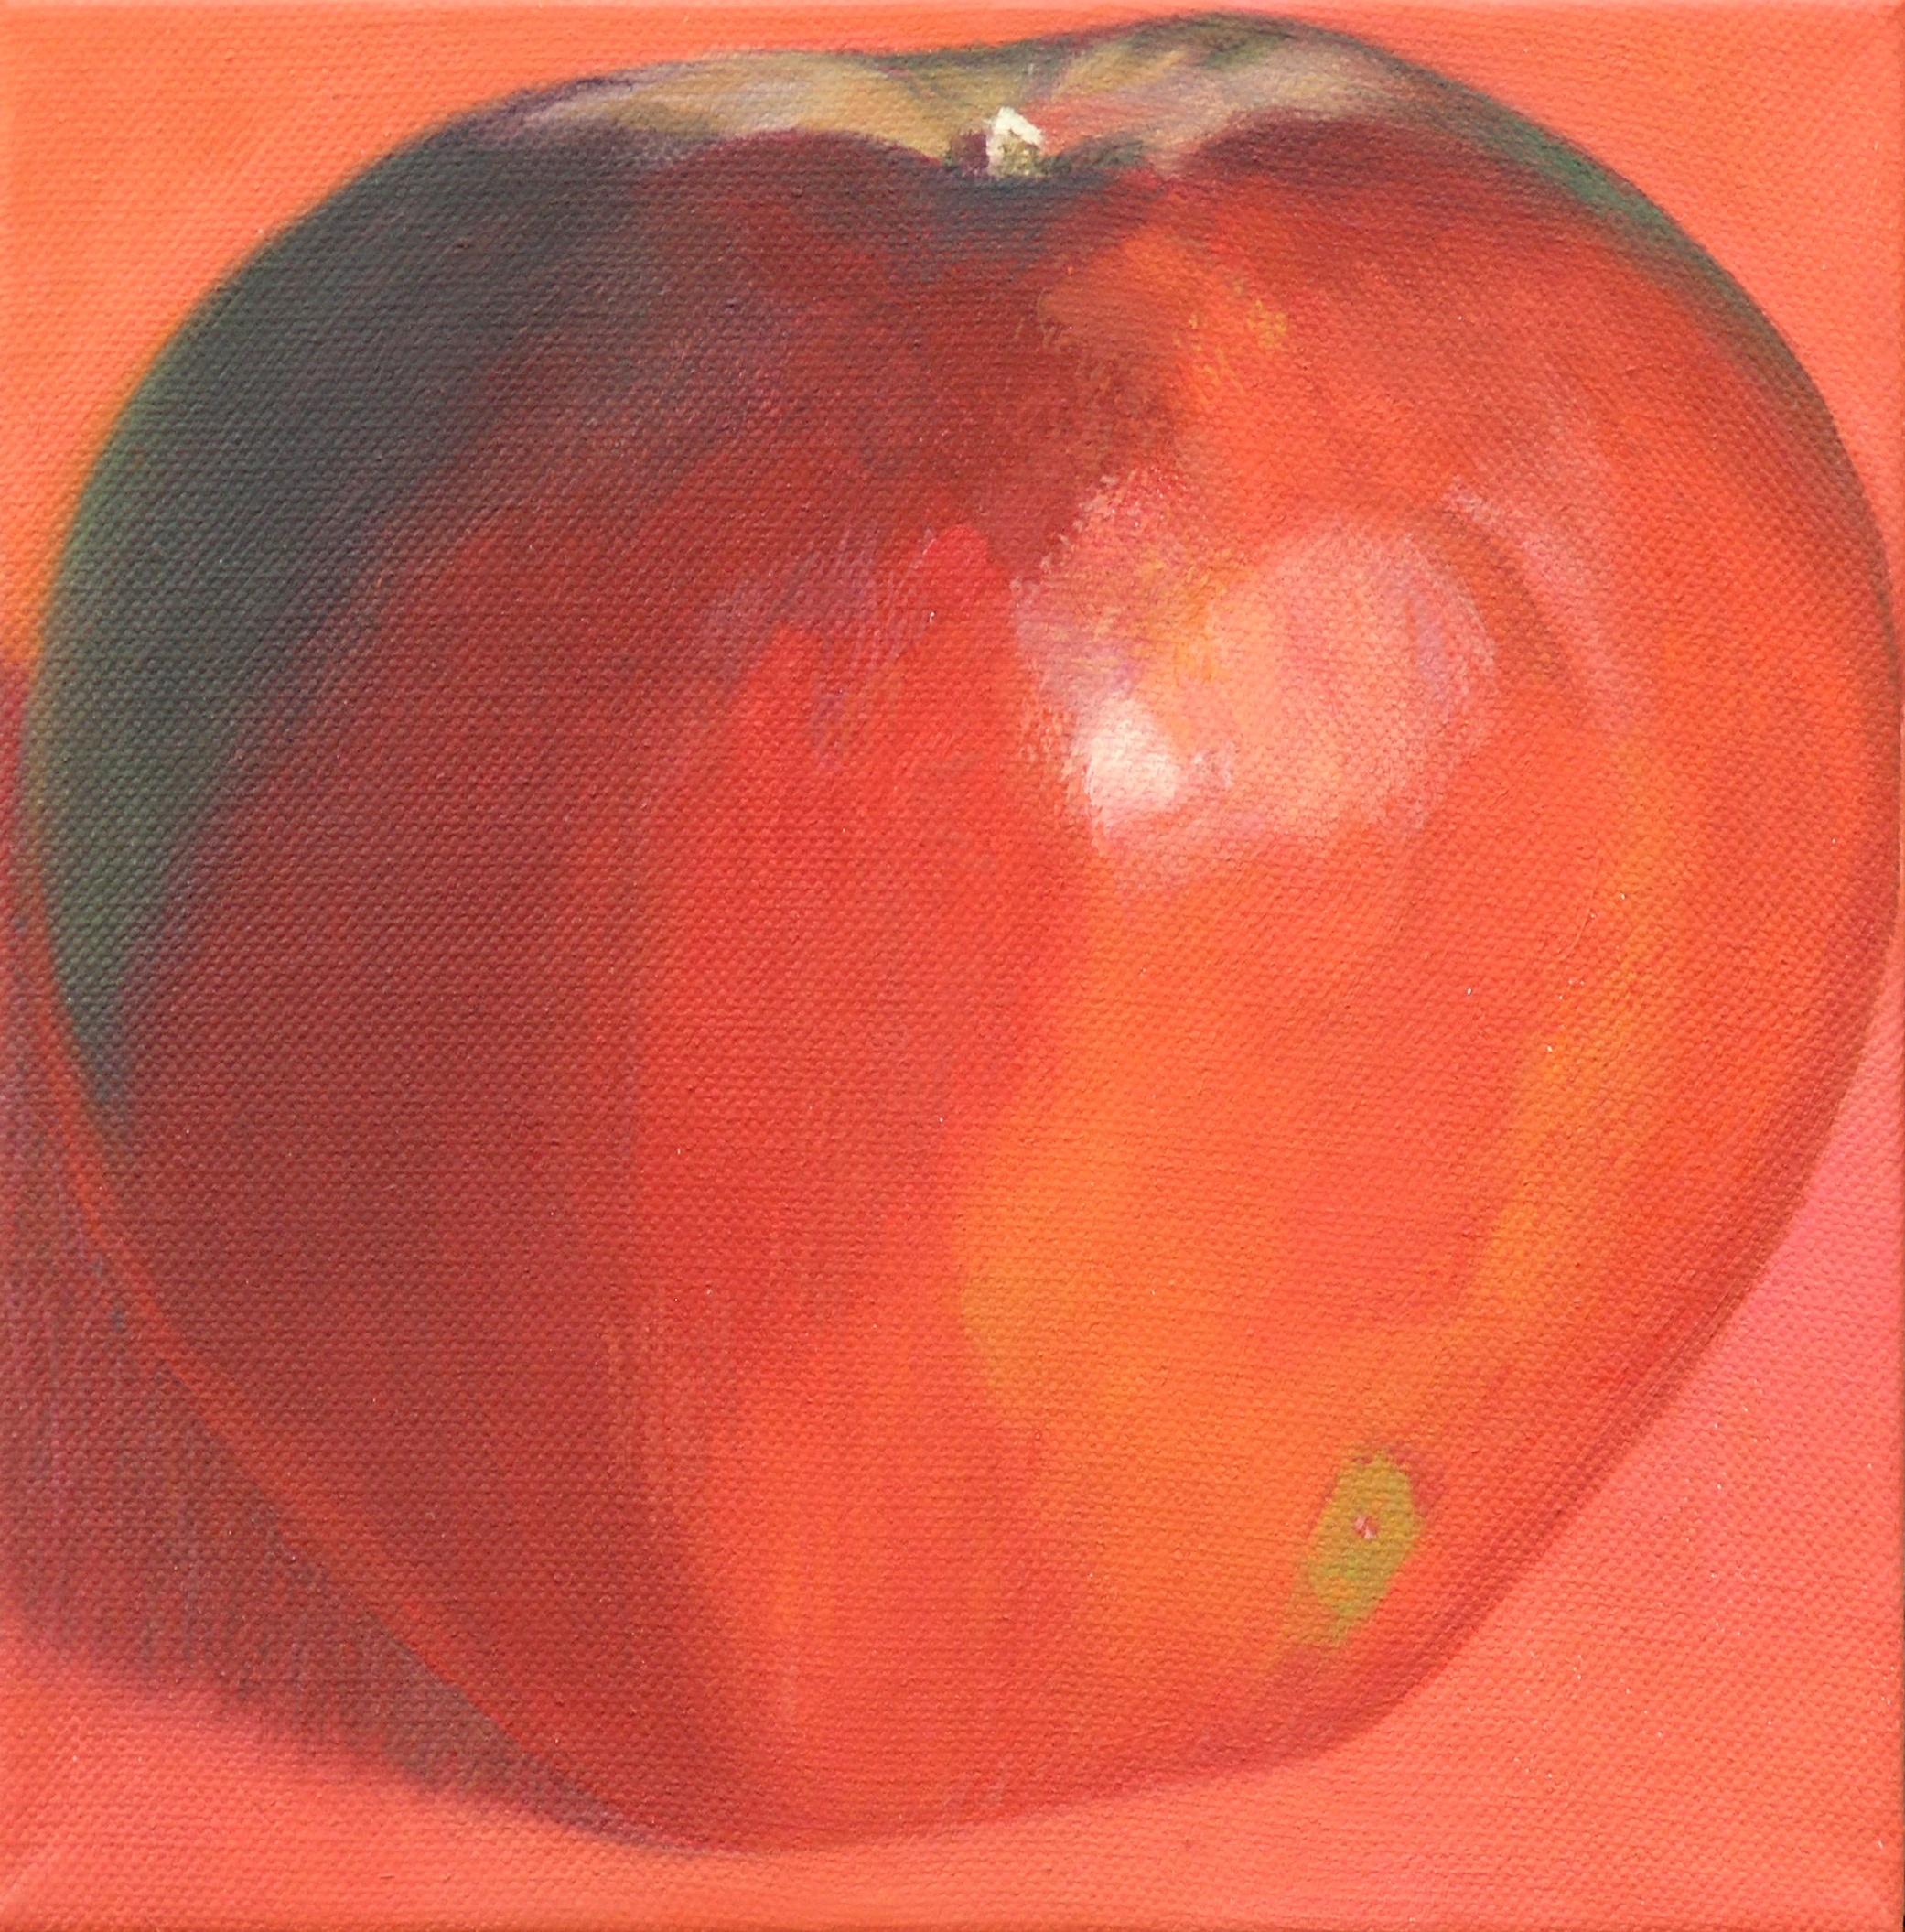 Dark red apple 4